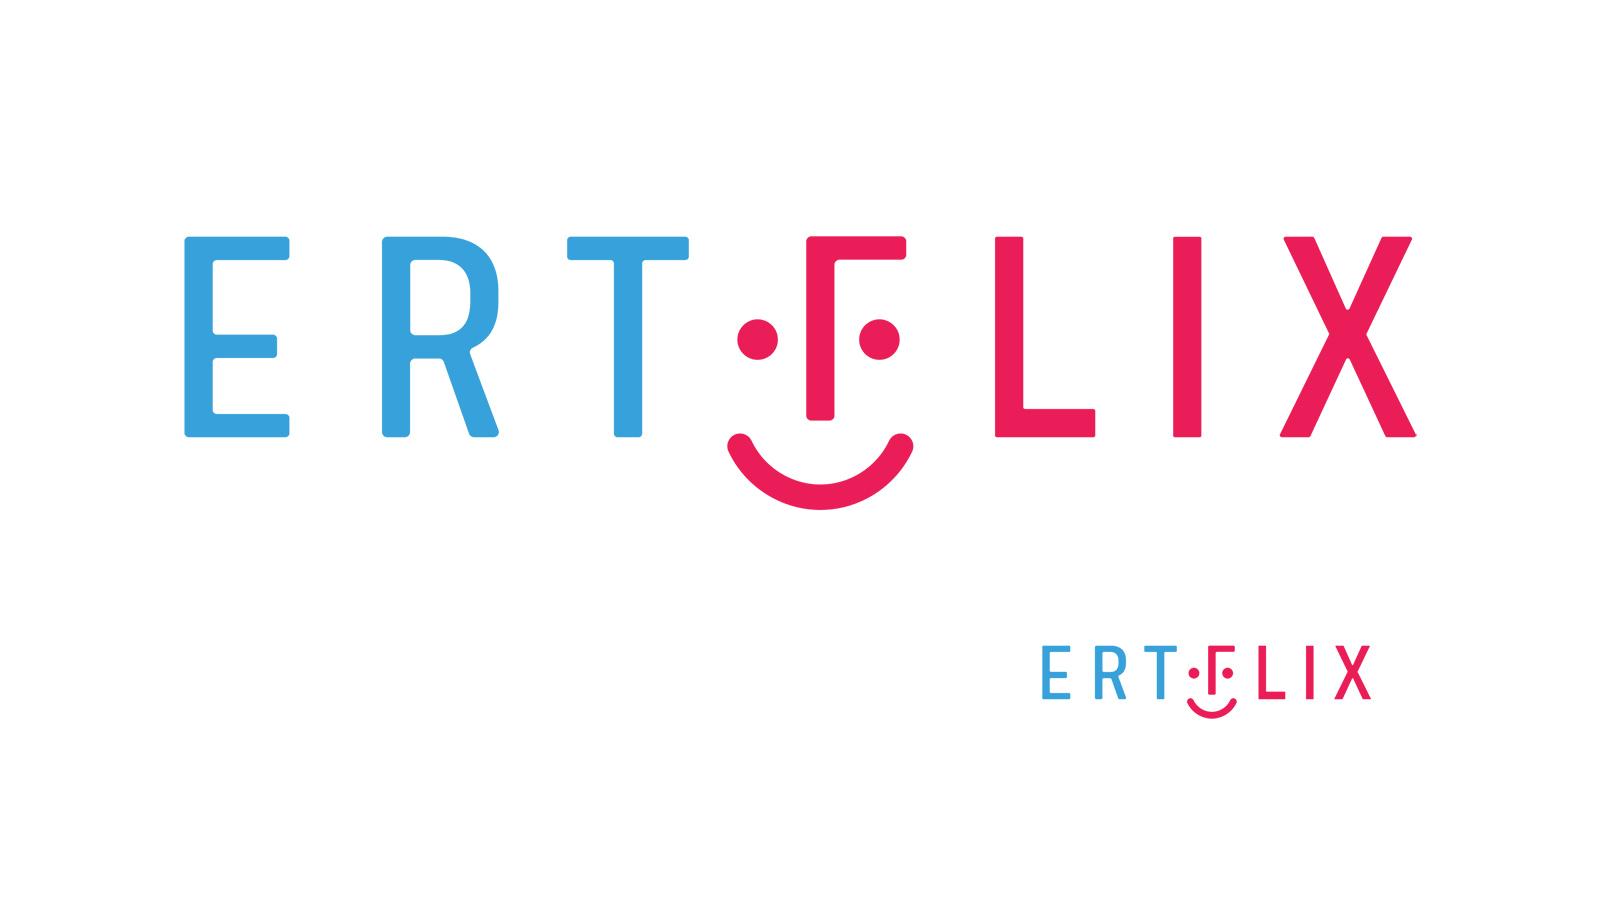 ERTFLIX logo 2021